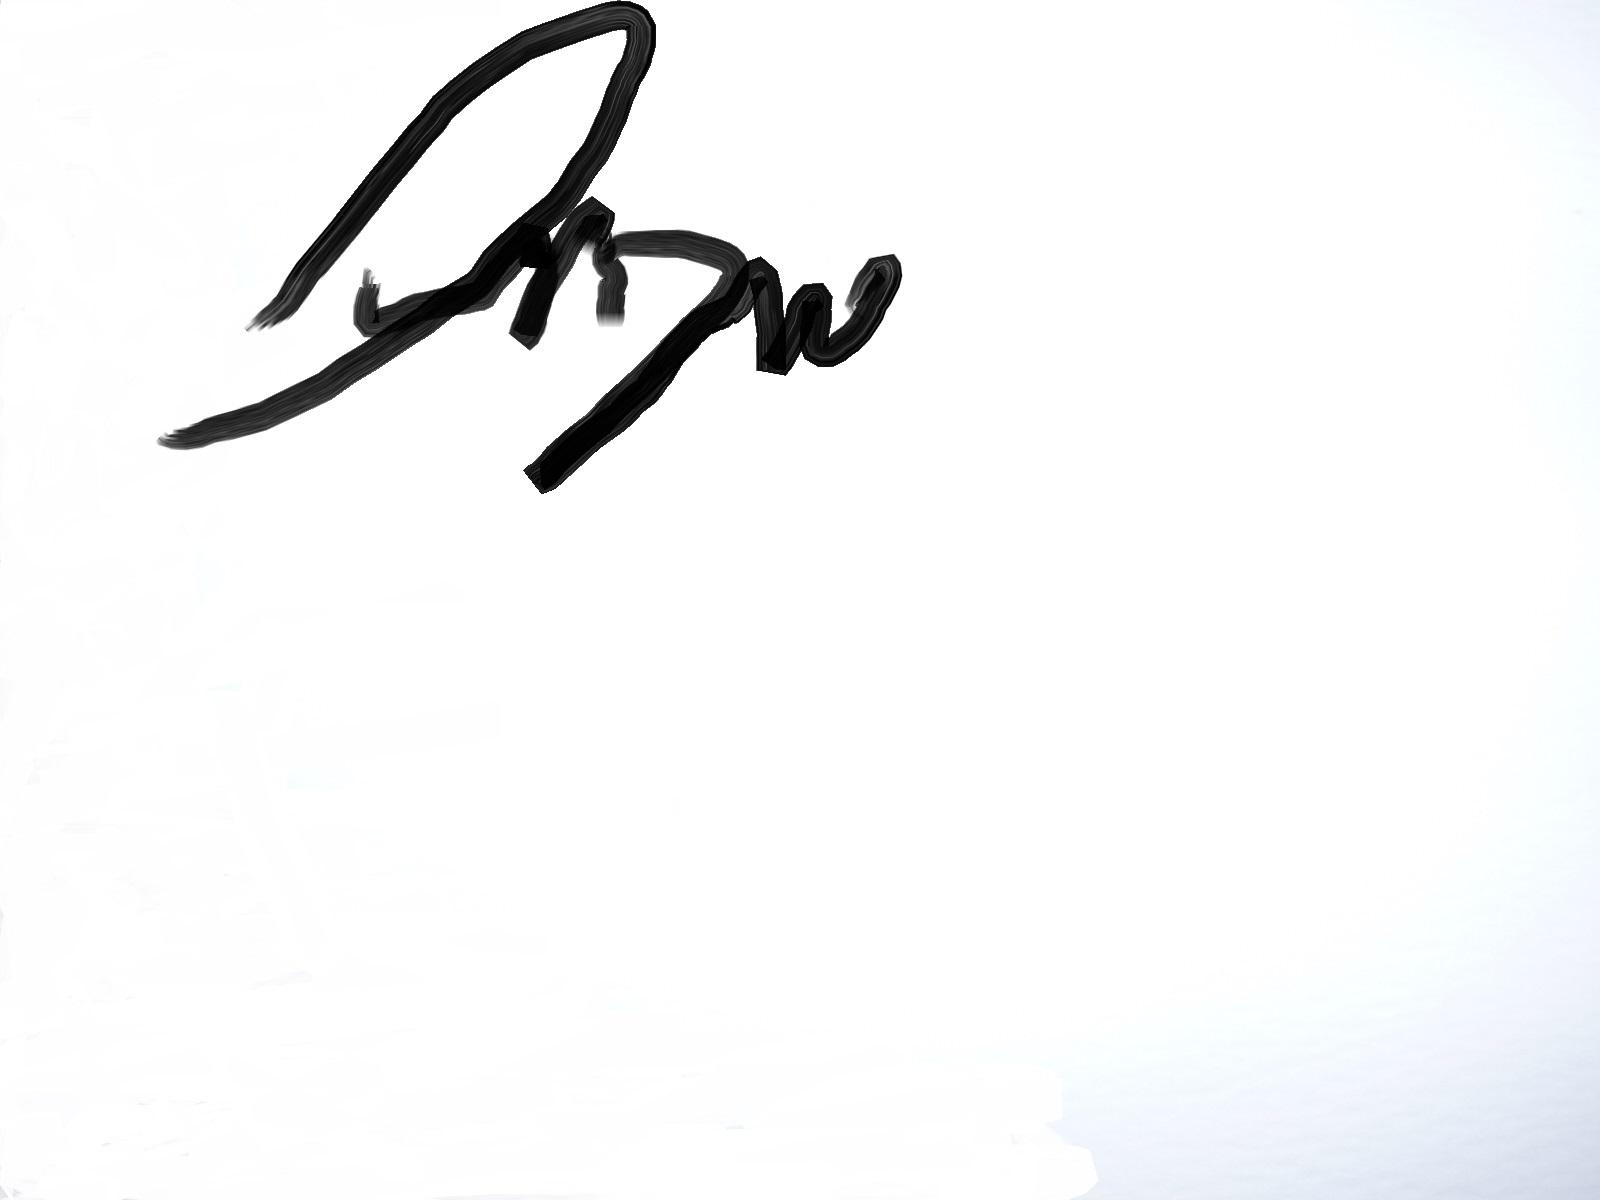 annie prause's Signature